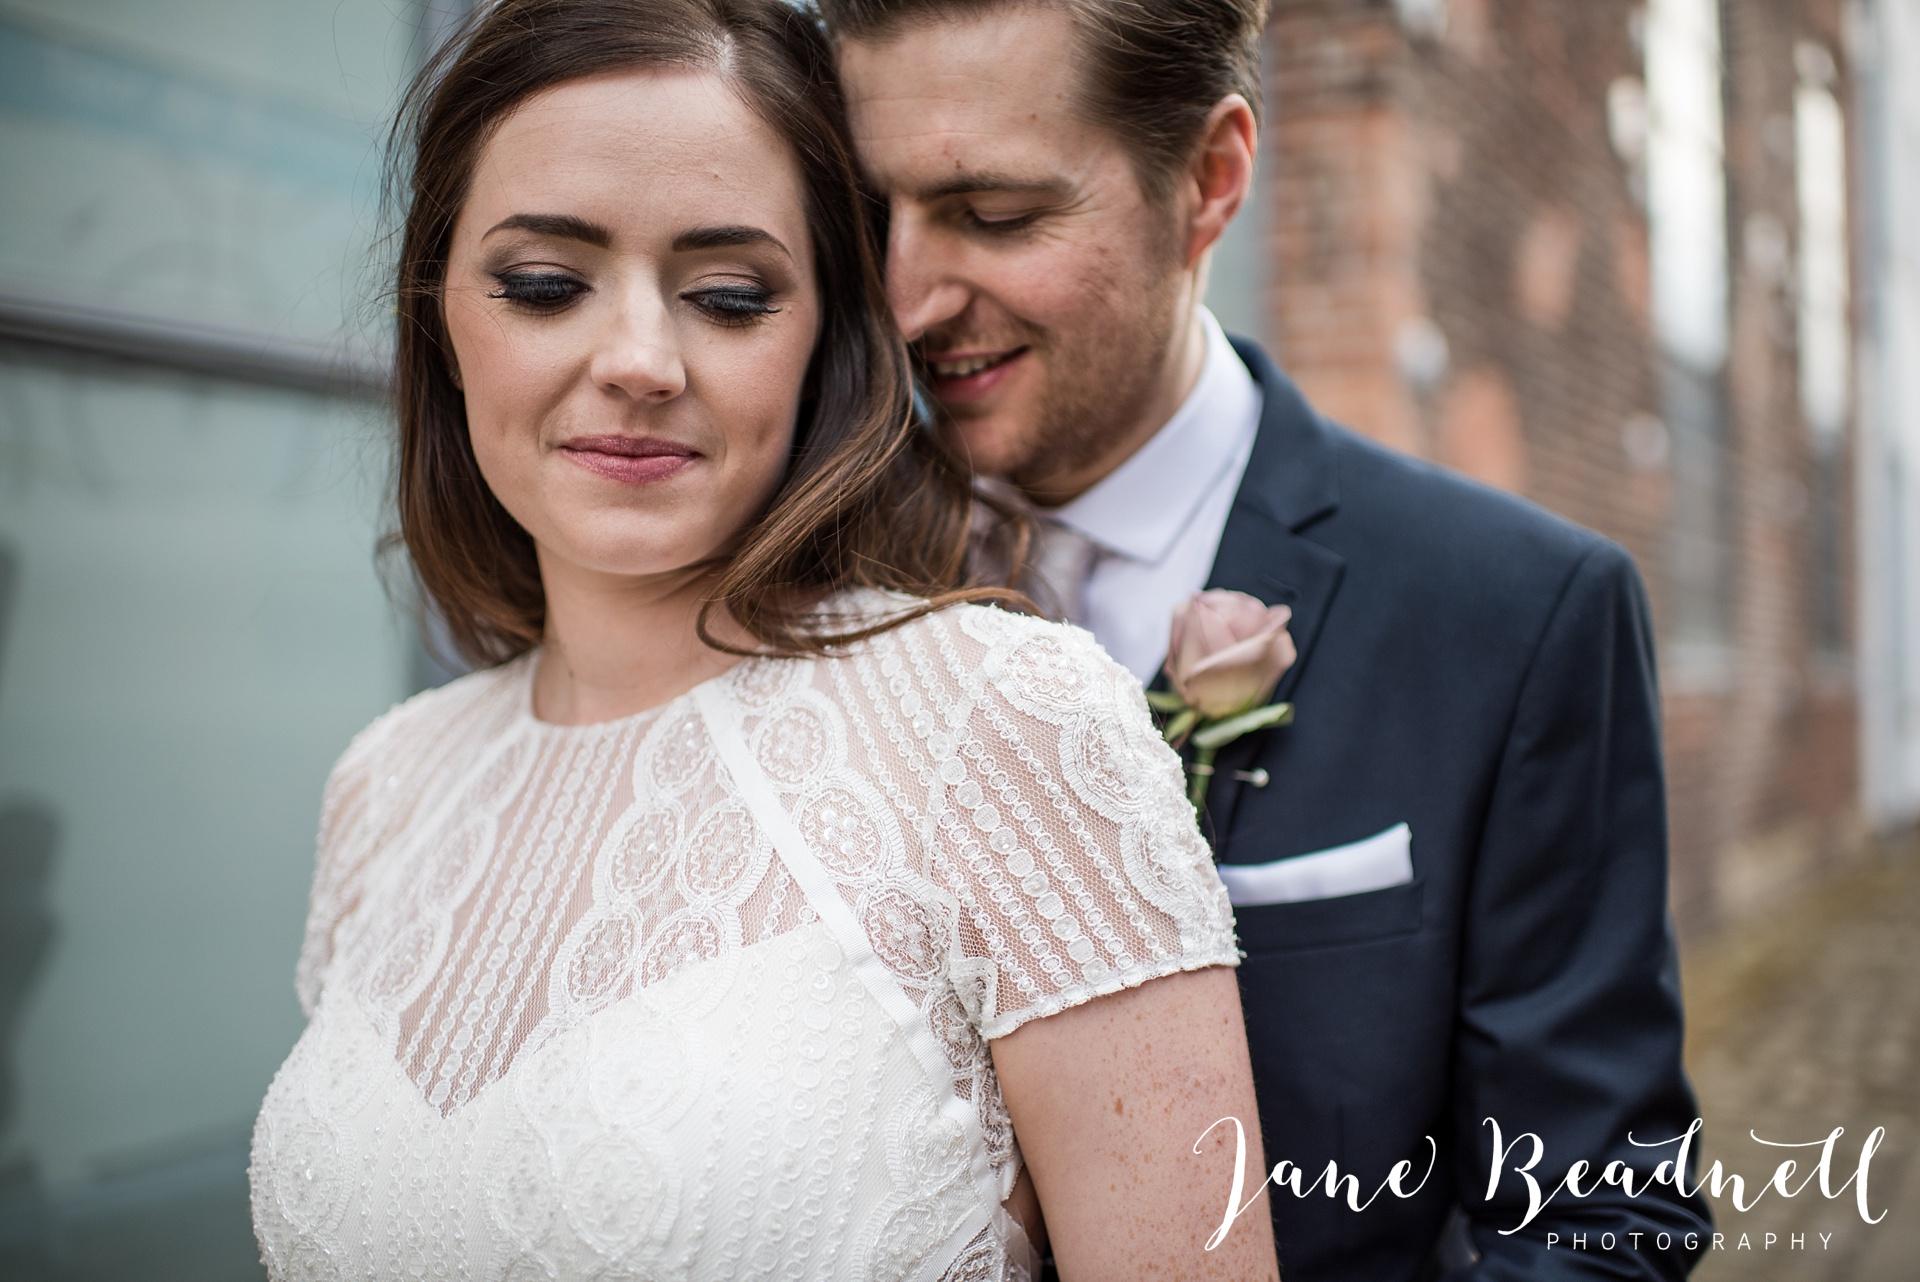 Wedding photography Cross Keys Leeds Wedding Jane Beadnell Photography_0088